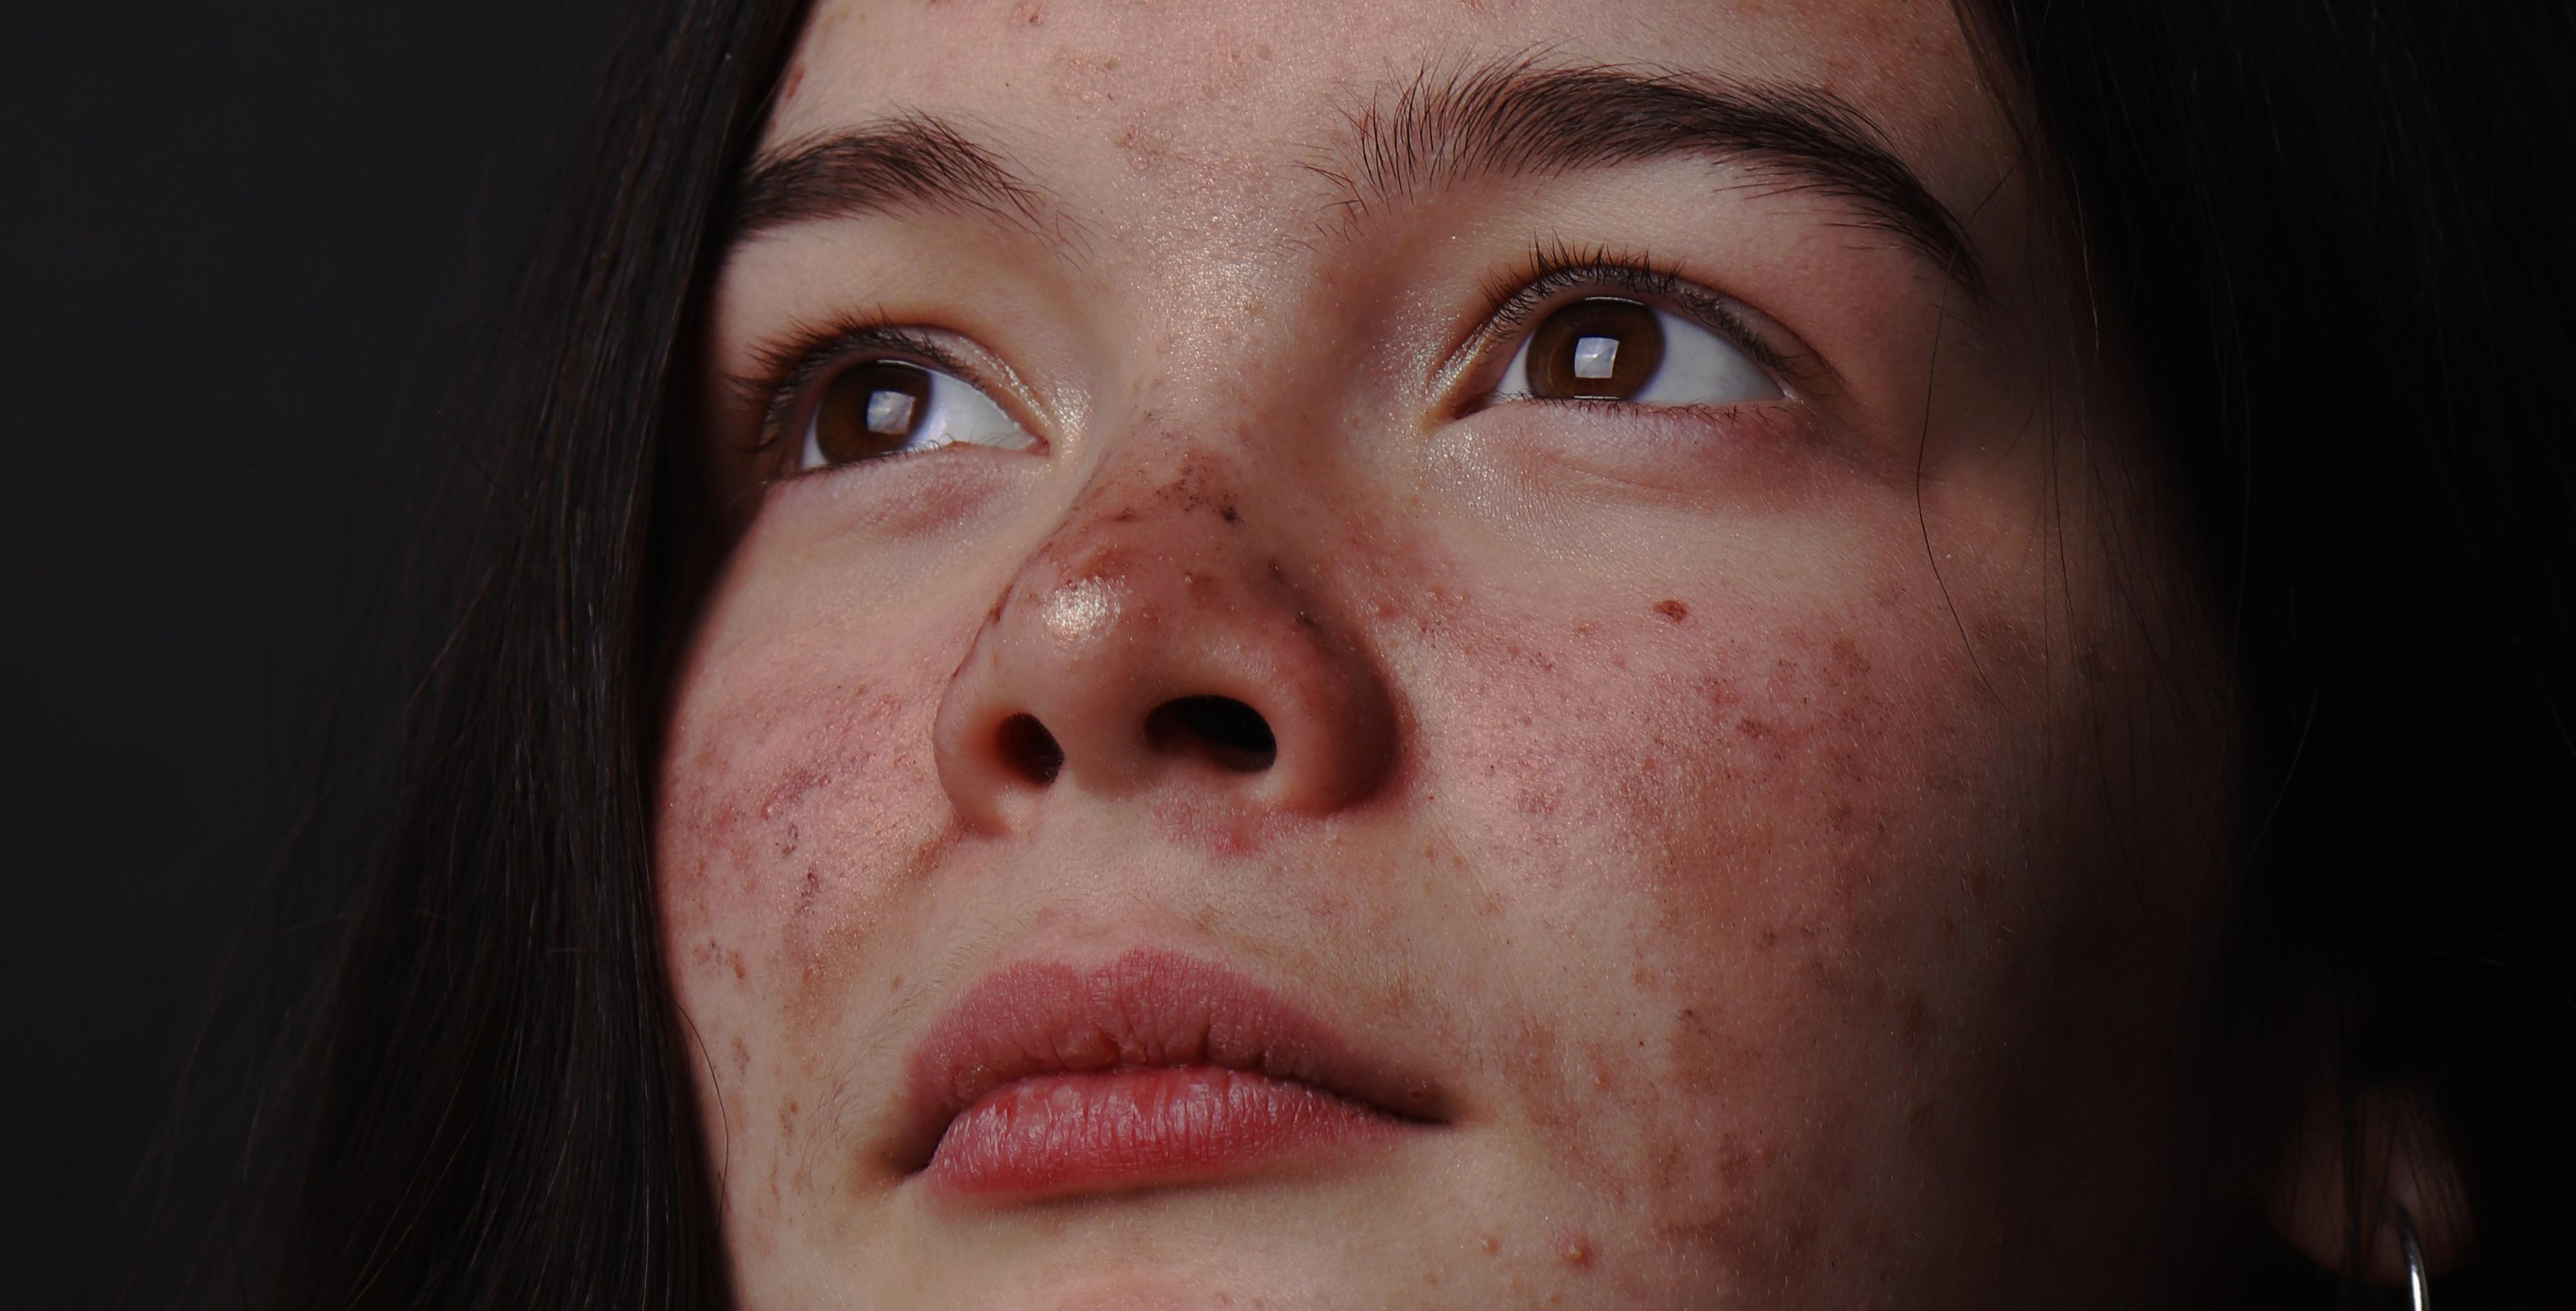 El acné: tipos, tratamientos e ingredientes que lo combaten